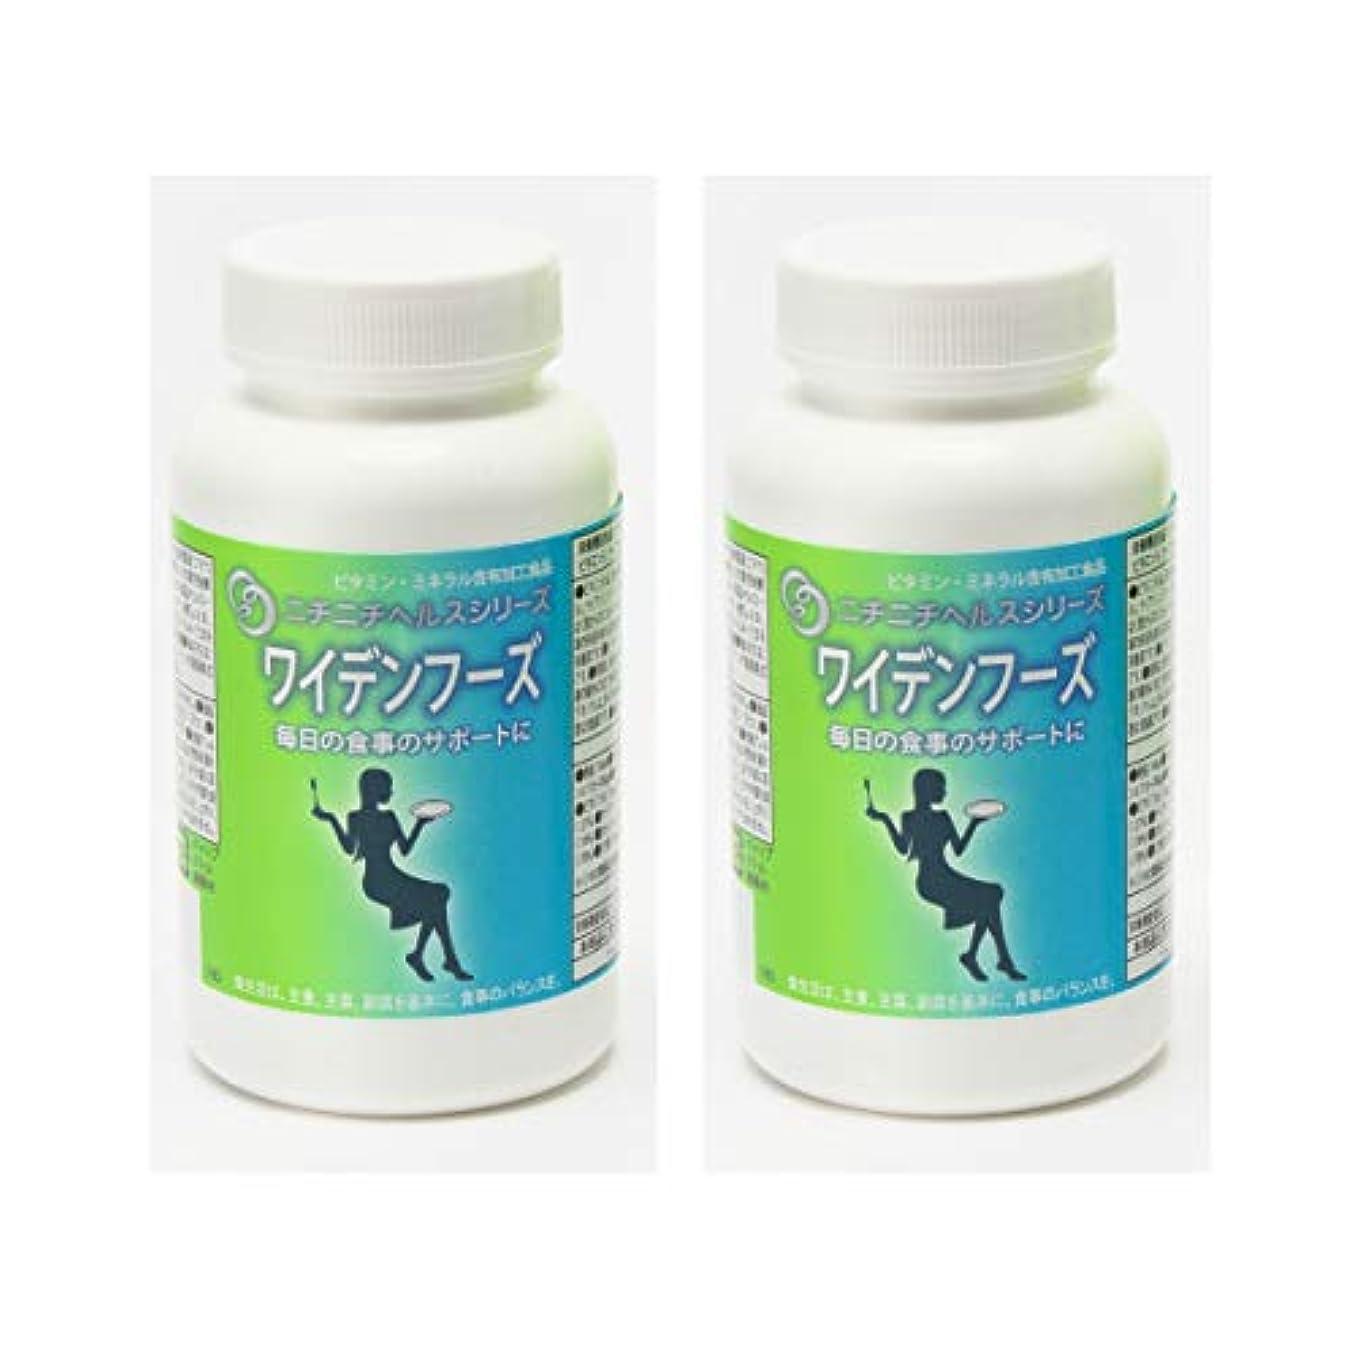 ニチニチ製薬 ビタミン?ミネラル?植物発酵エキス配合 サプリメント ワイデンフーズ 187.5mg 720粒 2個セット